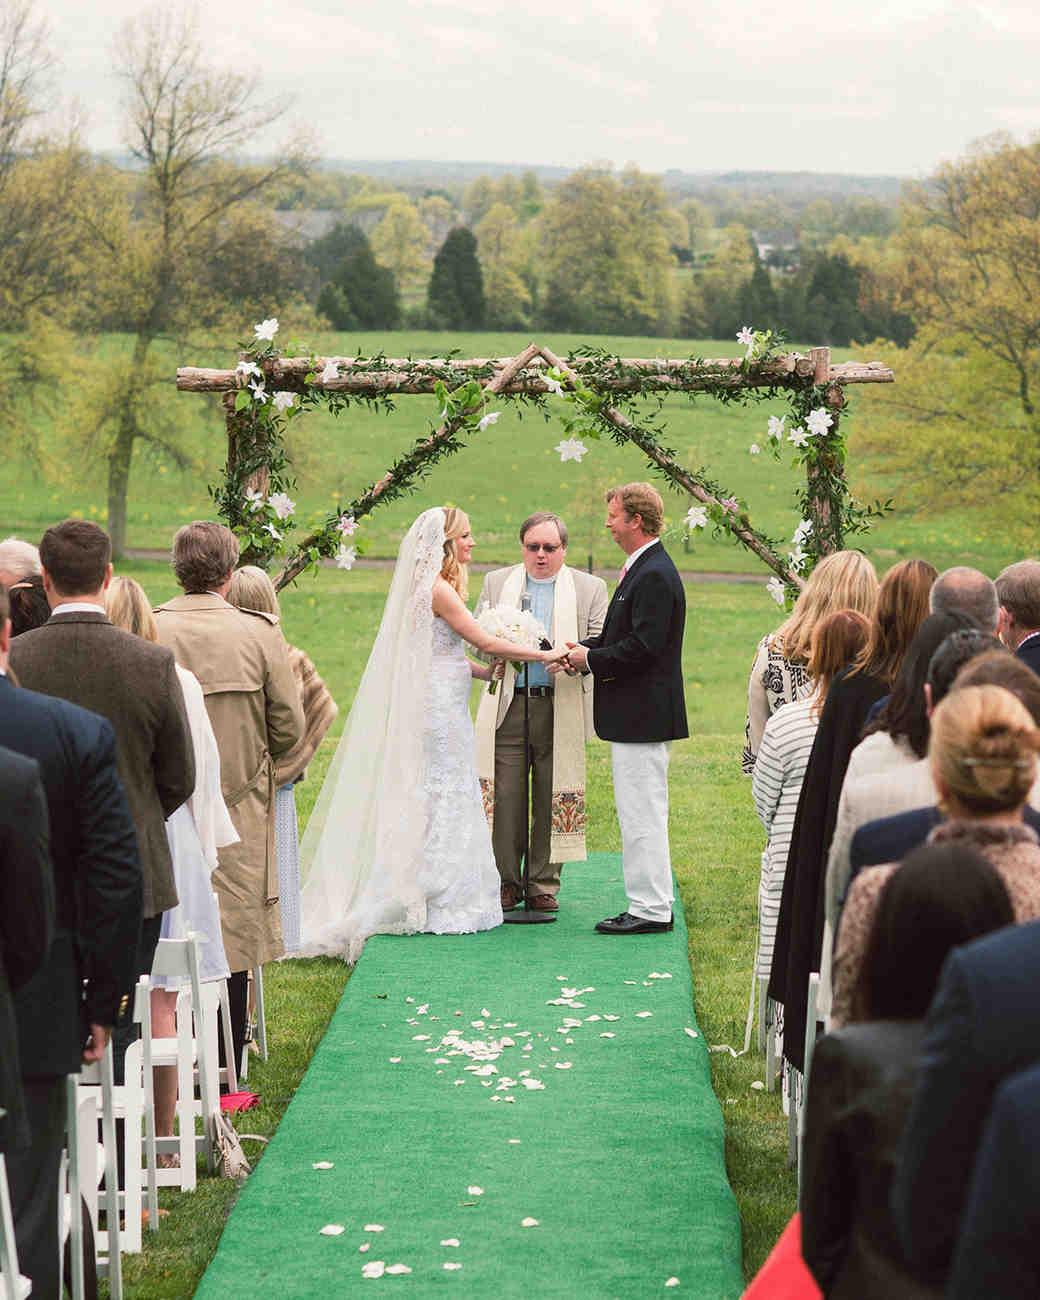 katy andrew wedding ceremony